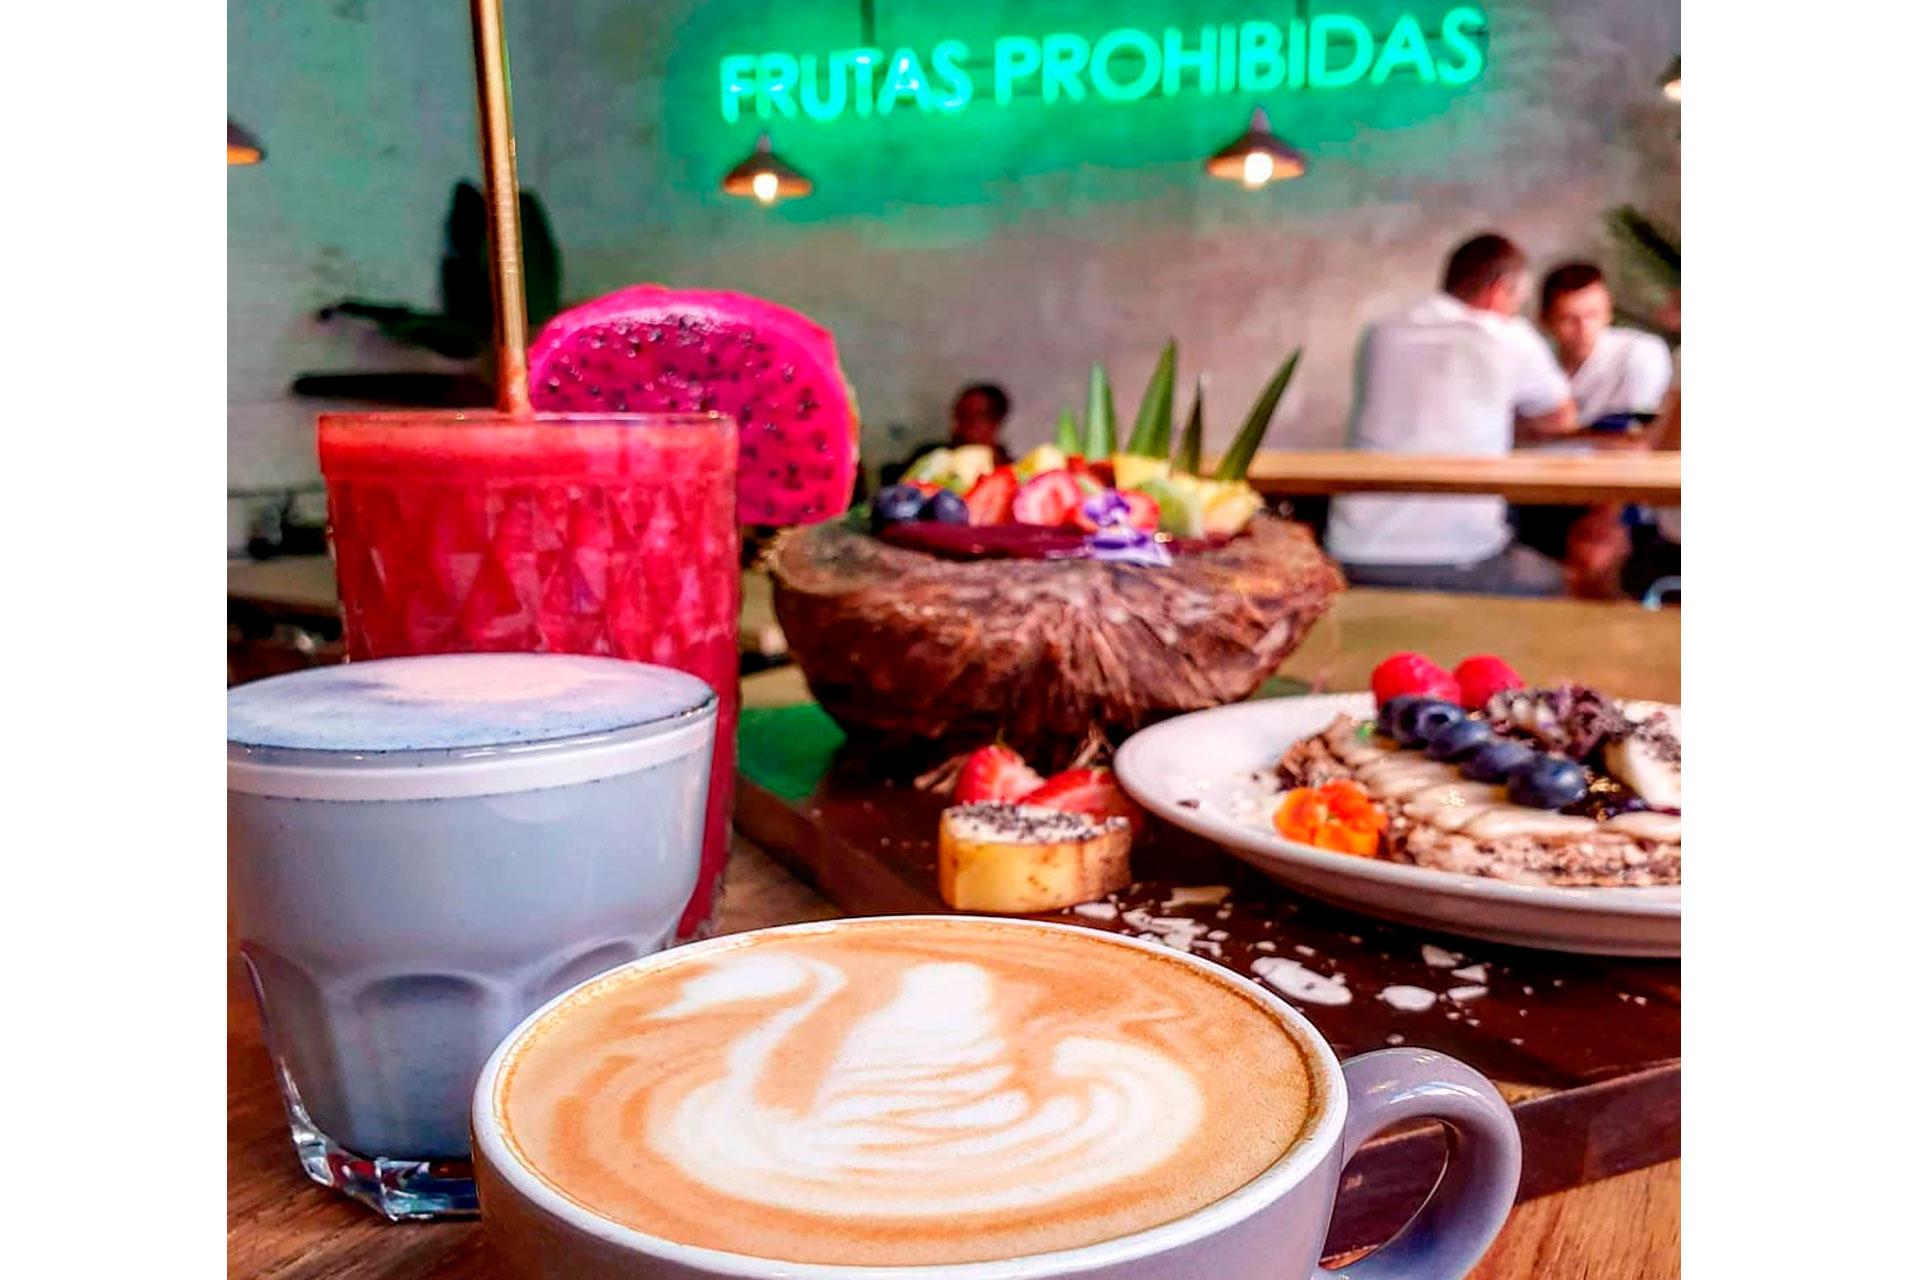 frutas-prohibidas-red-cafeterias